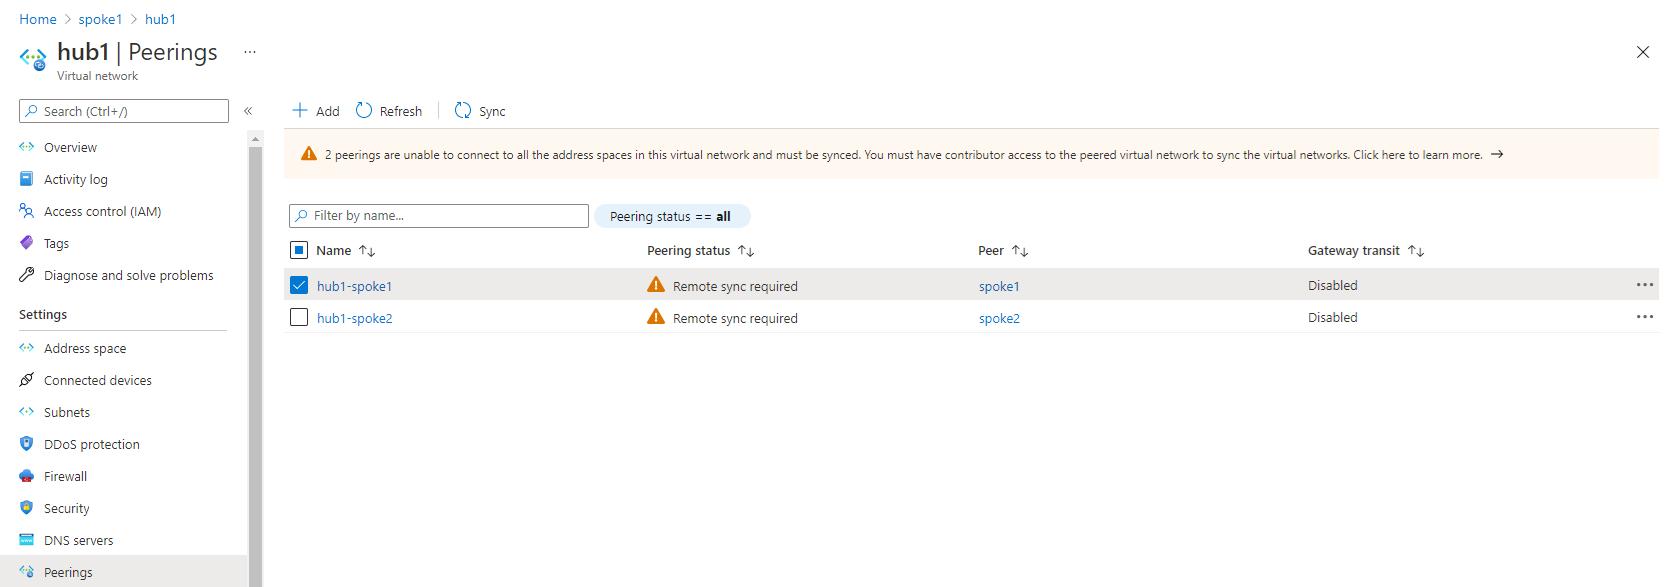 Hub 1 peerings tab in the Azure Portal showing virtual network